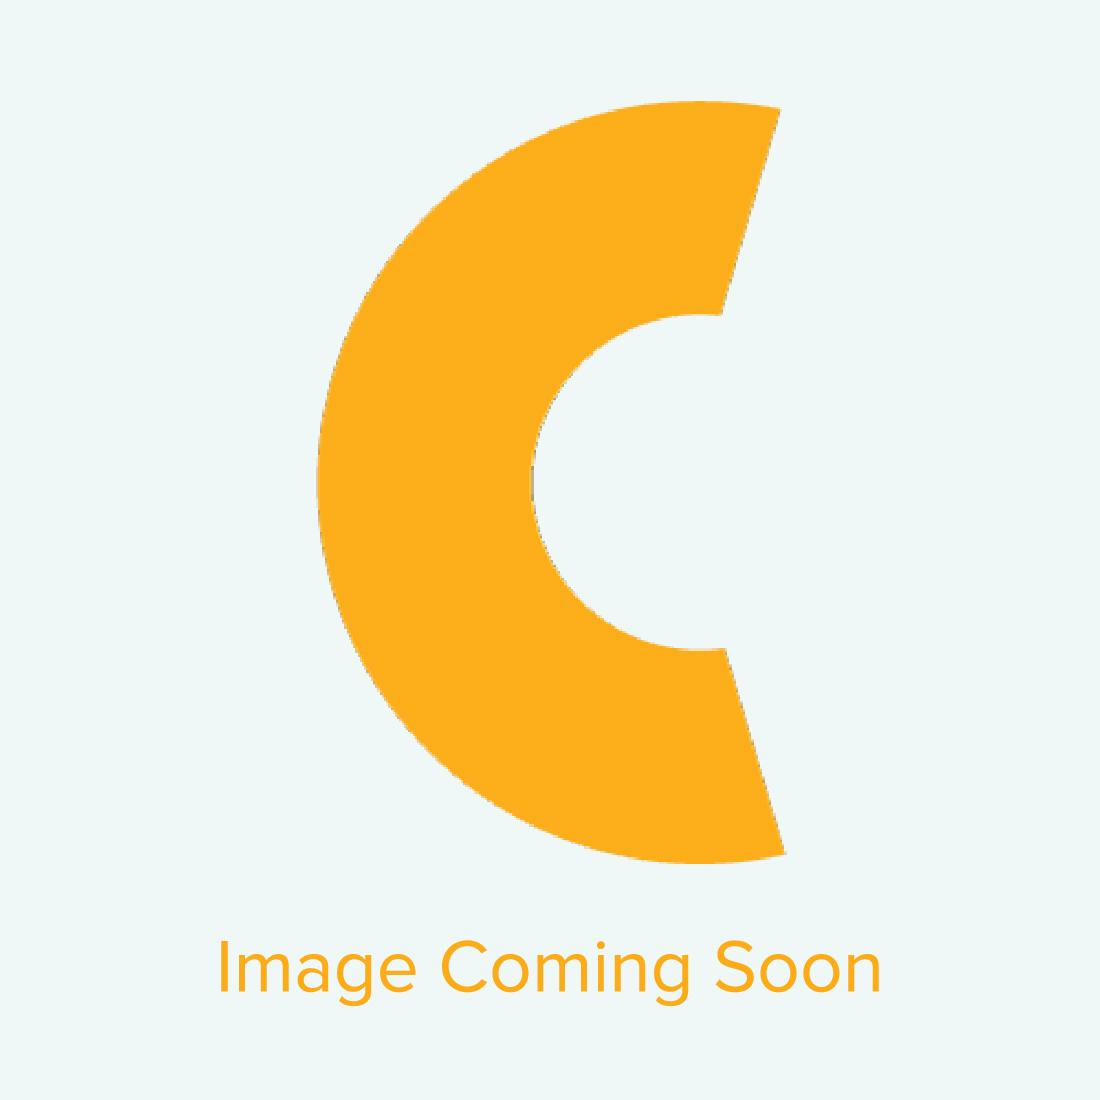 Epson SureColor F6200 44